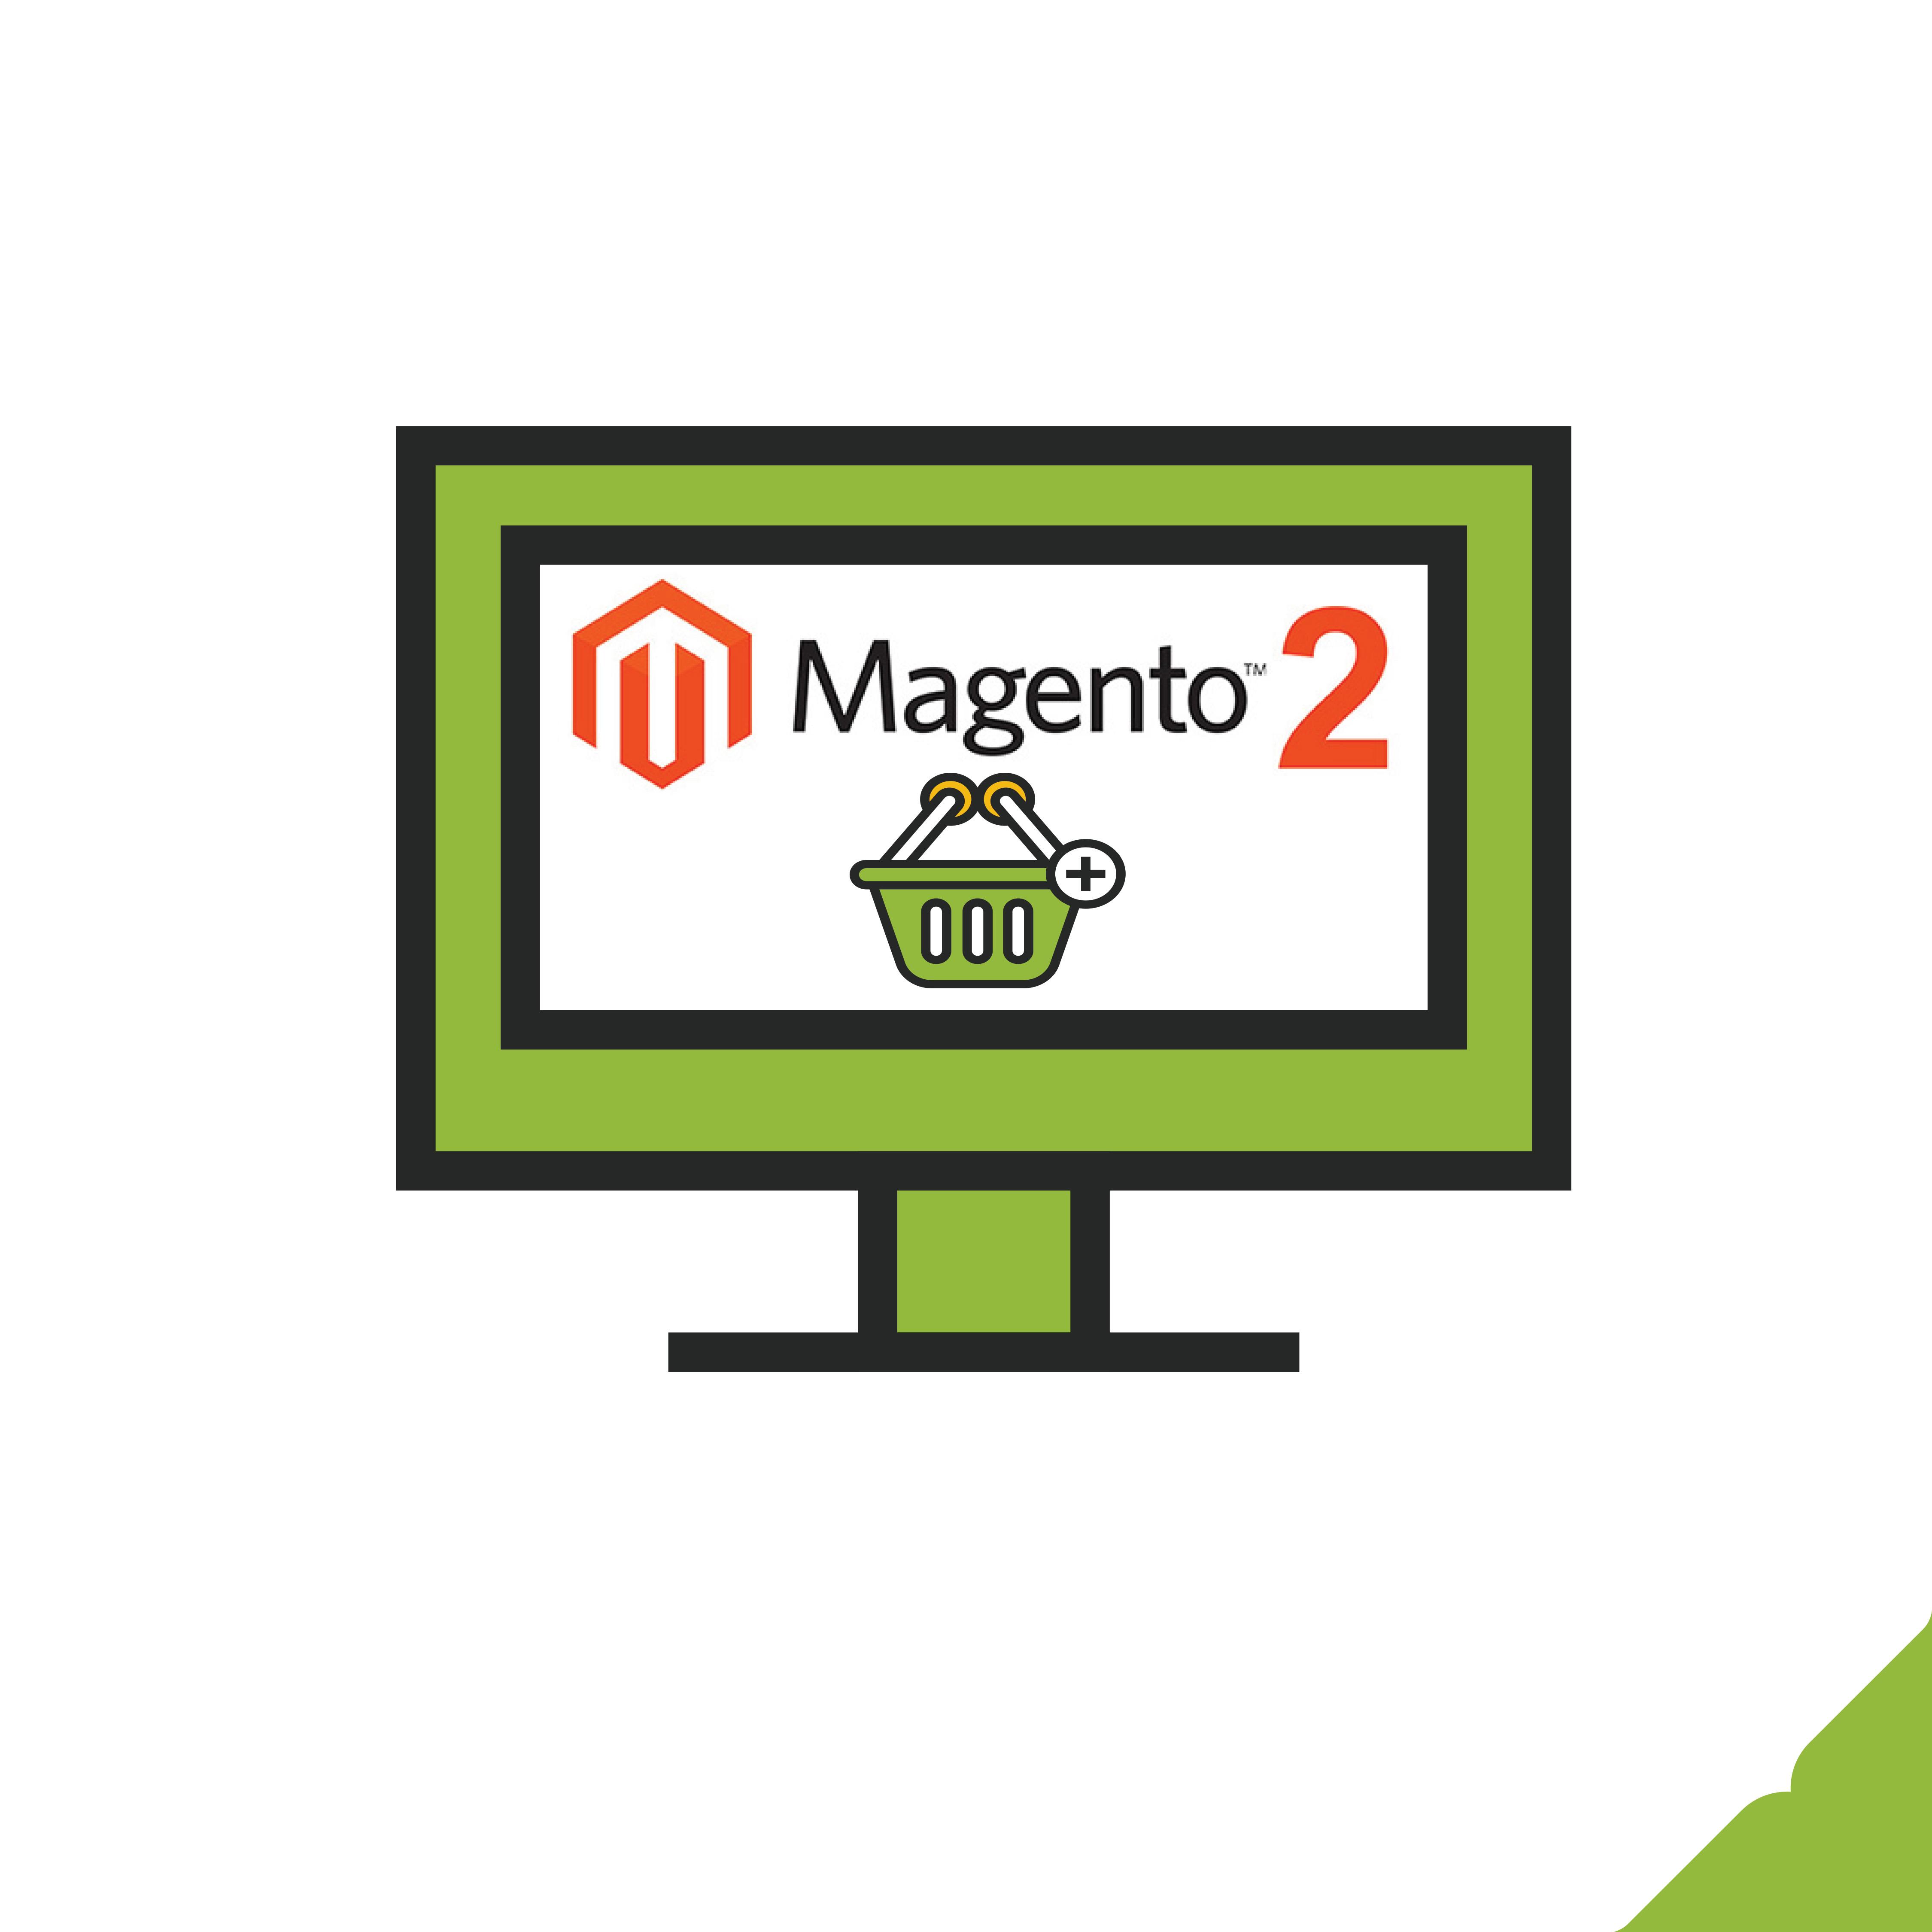 Magento 2 Upgrade